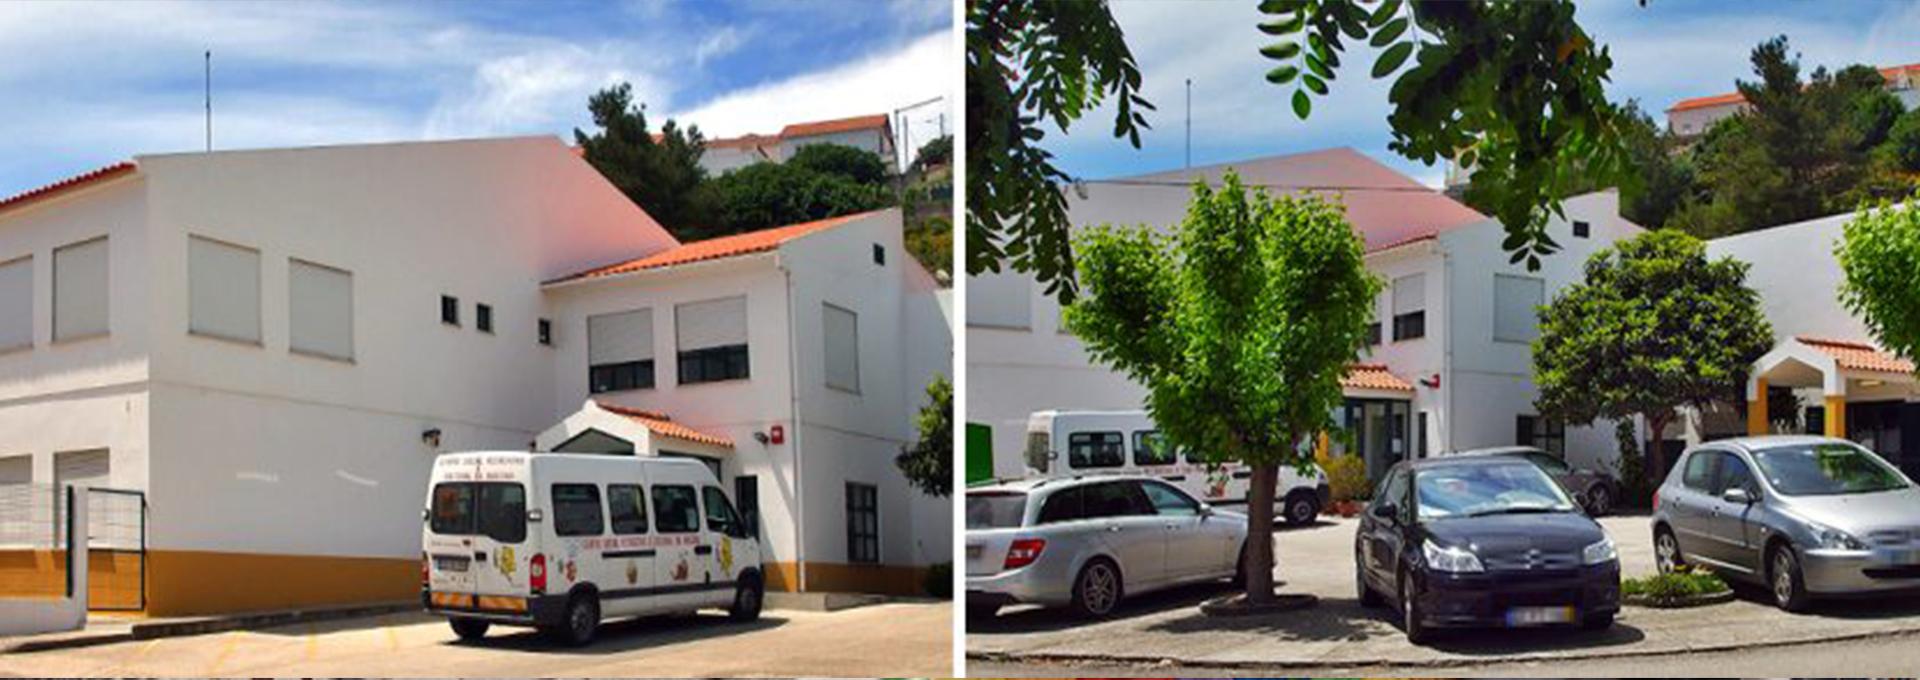 Centro Social, Recreativo e Cultural da Maceira